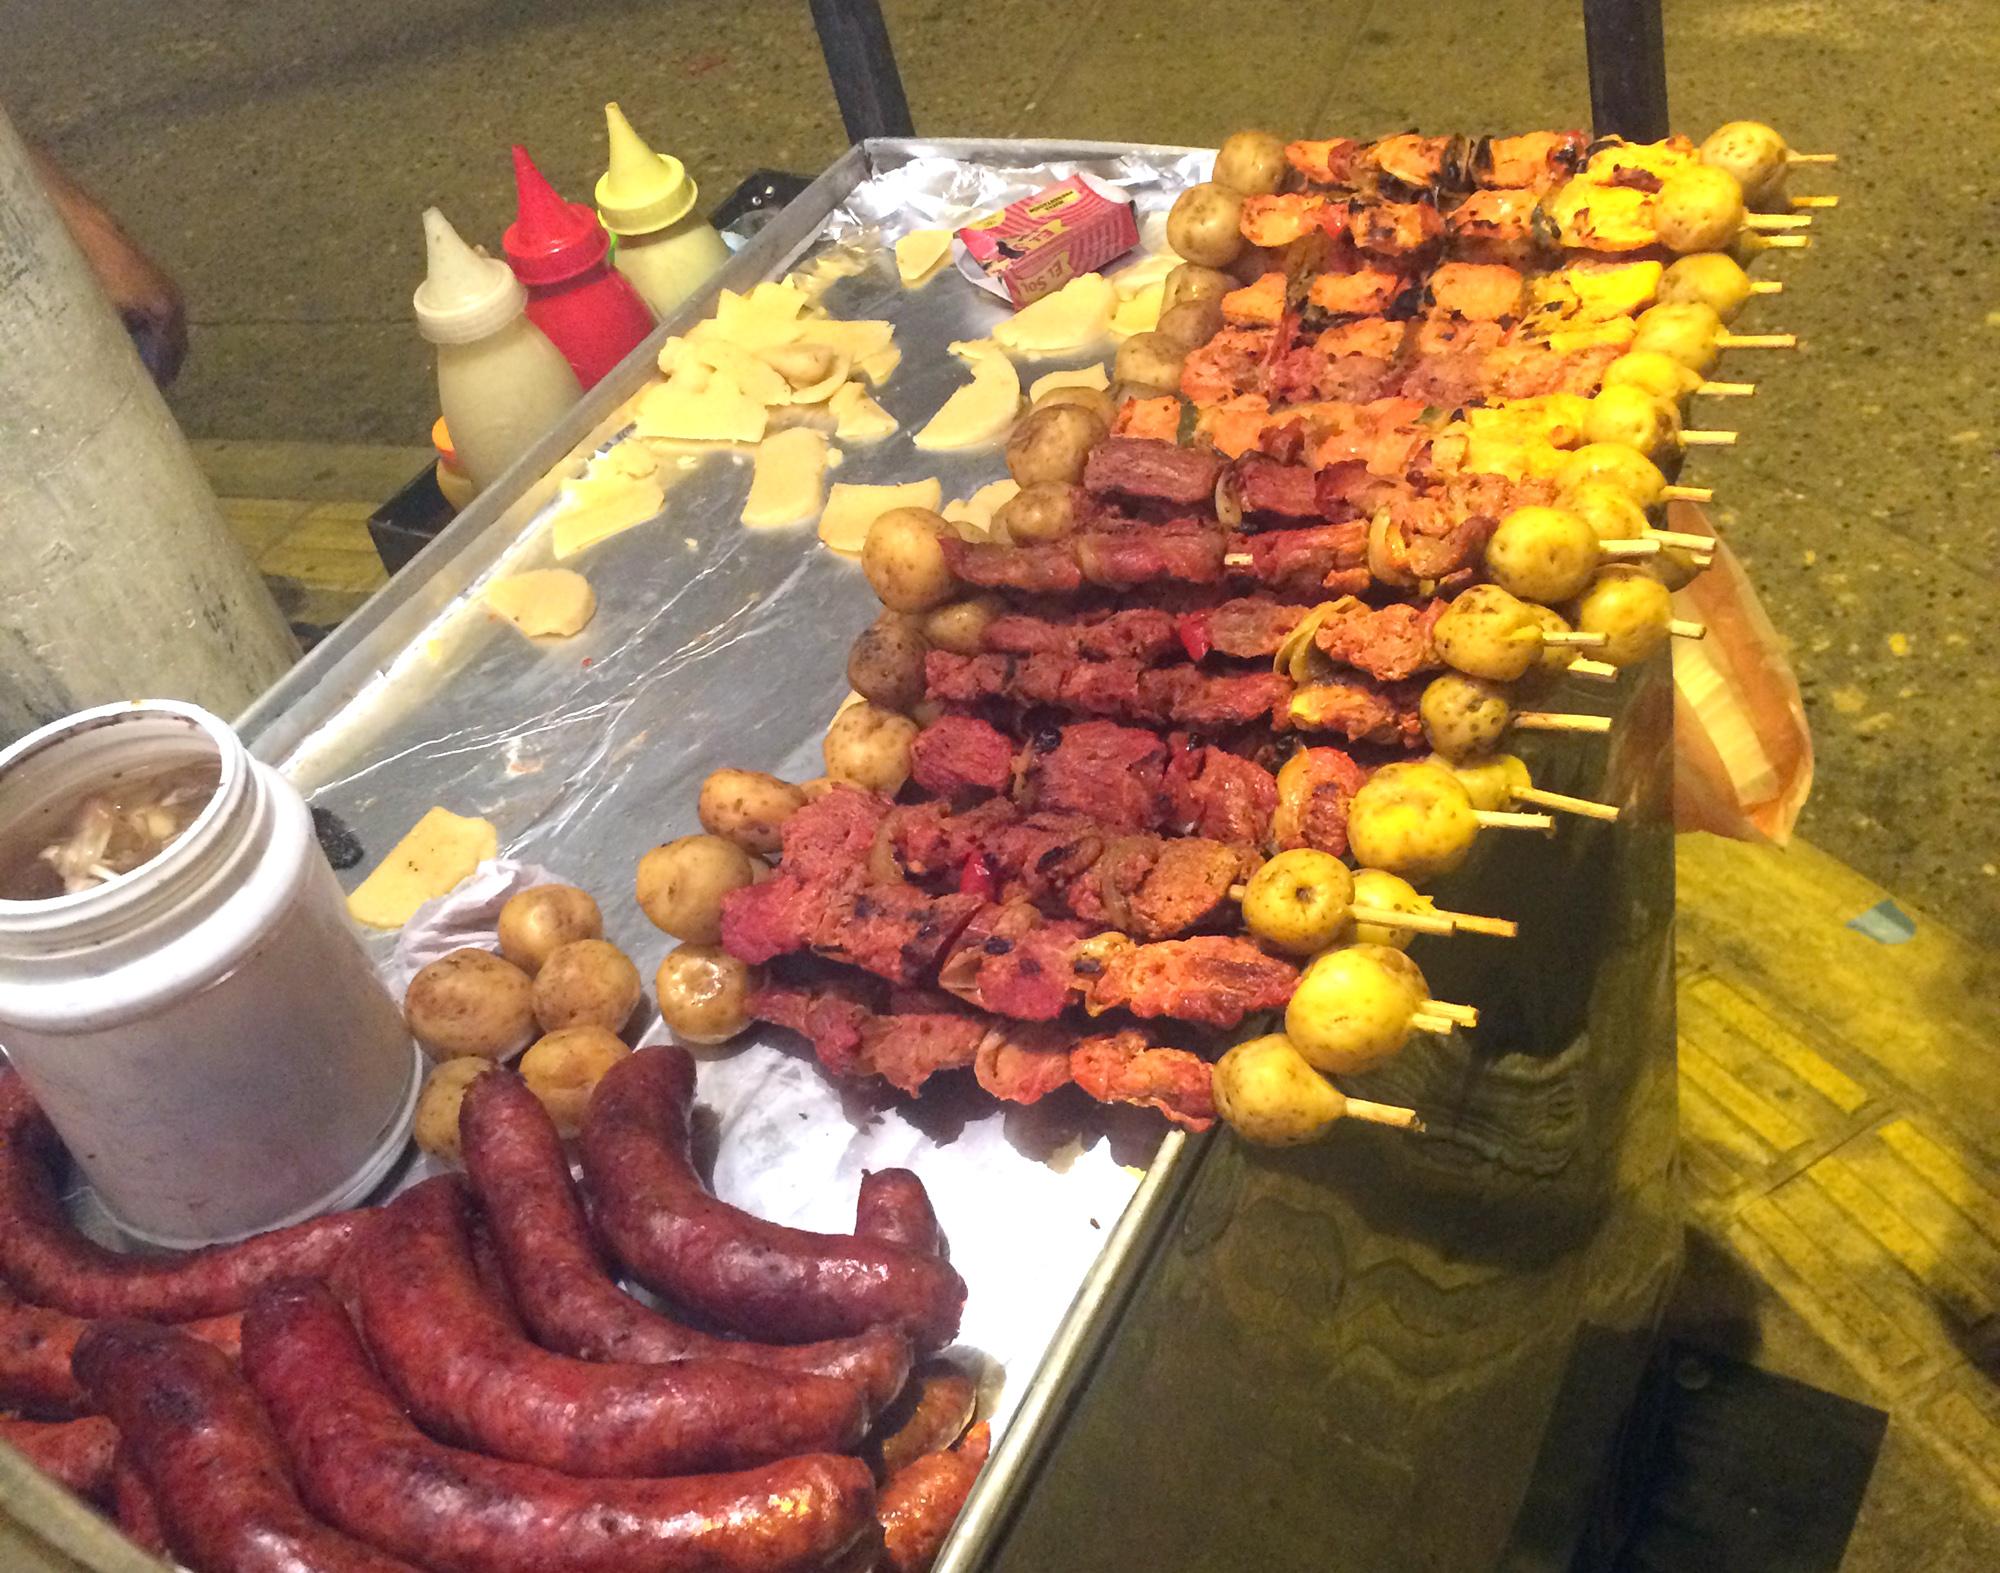 Colombian street food